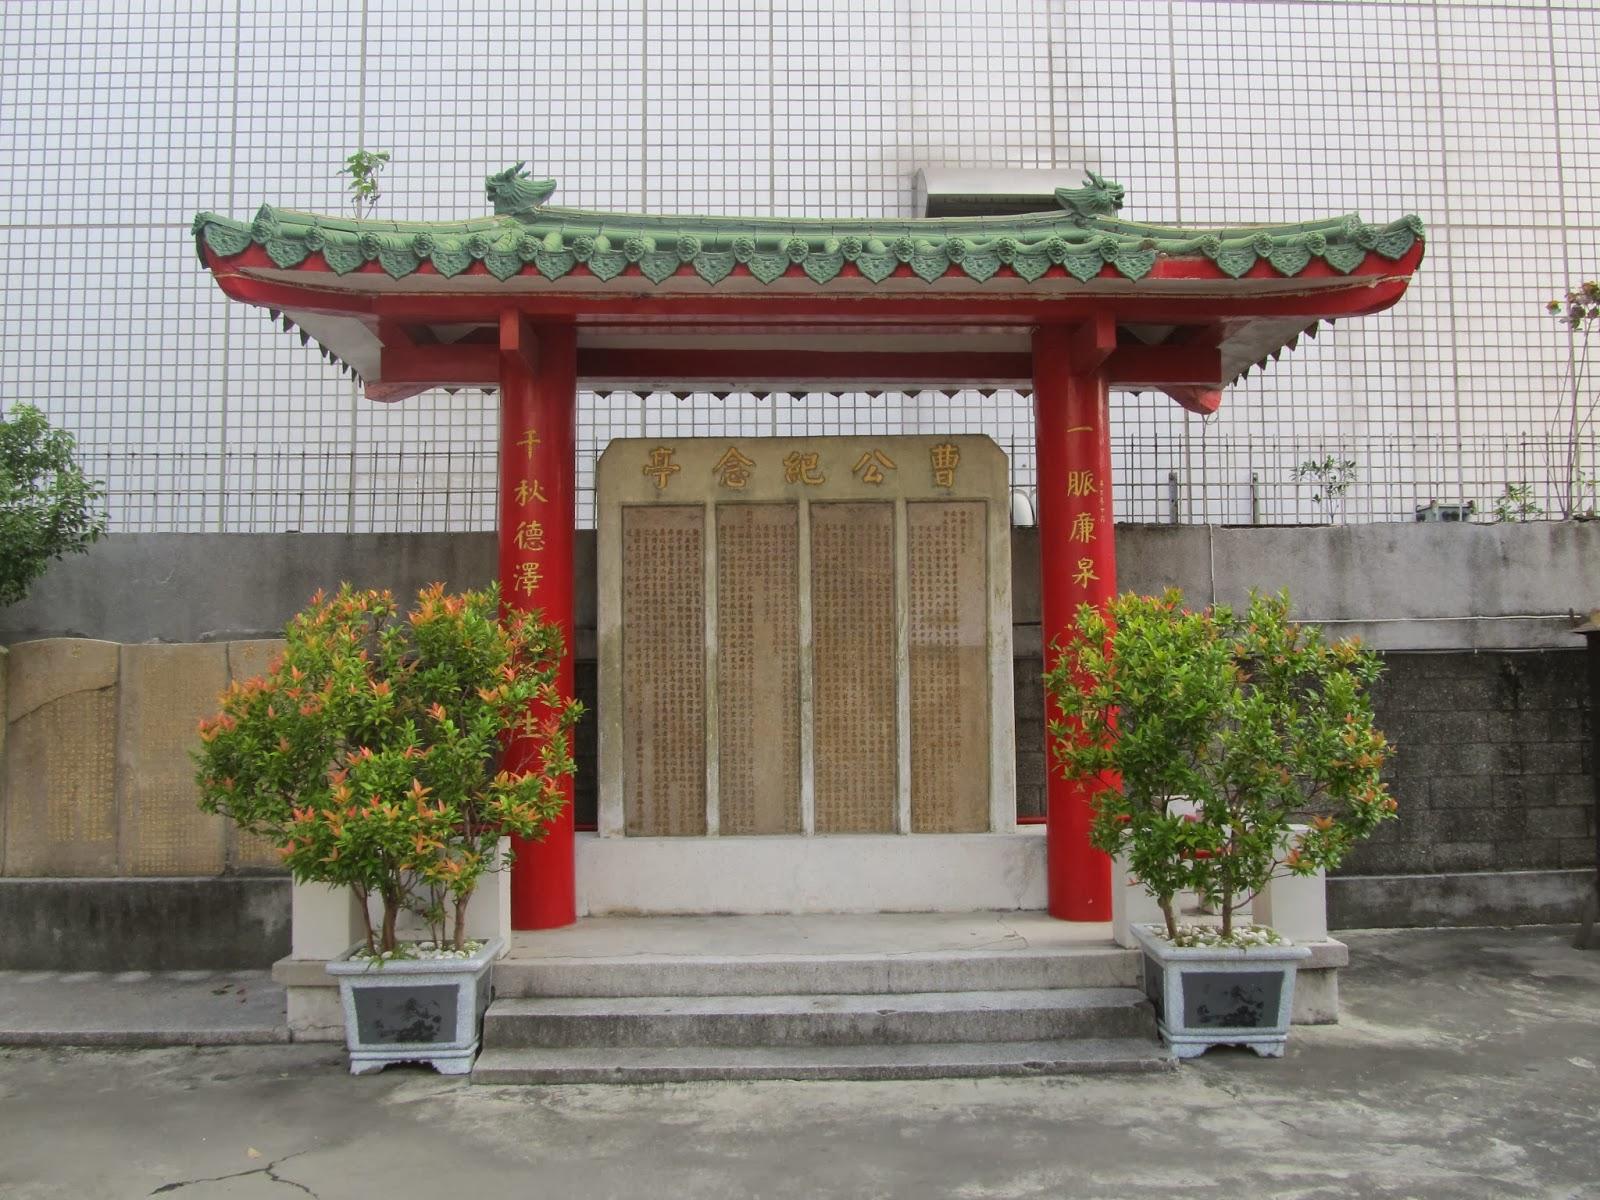 臺灣第一循吏-曹謹: 十二月 2013